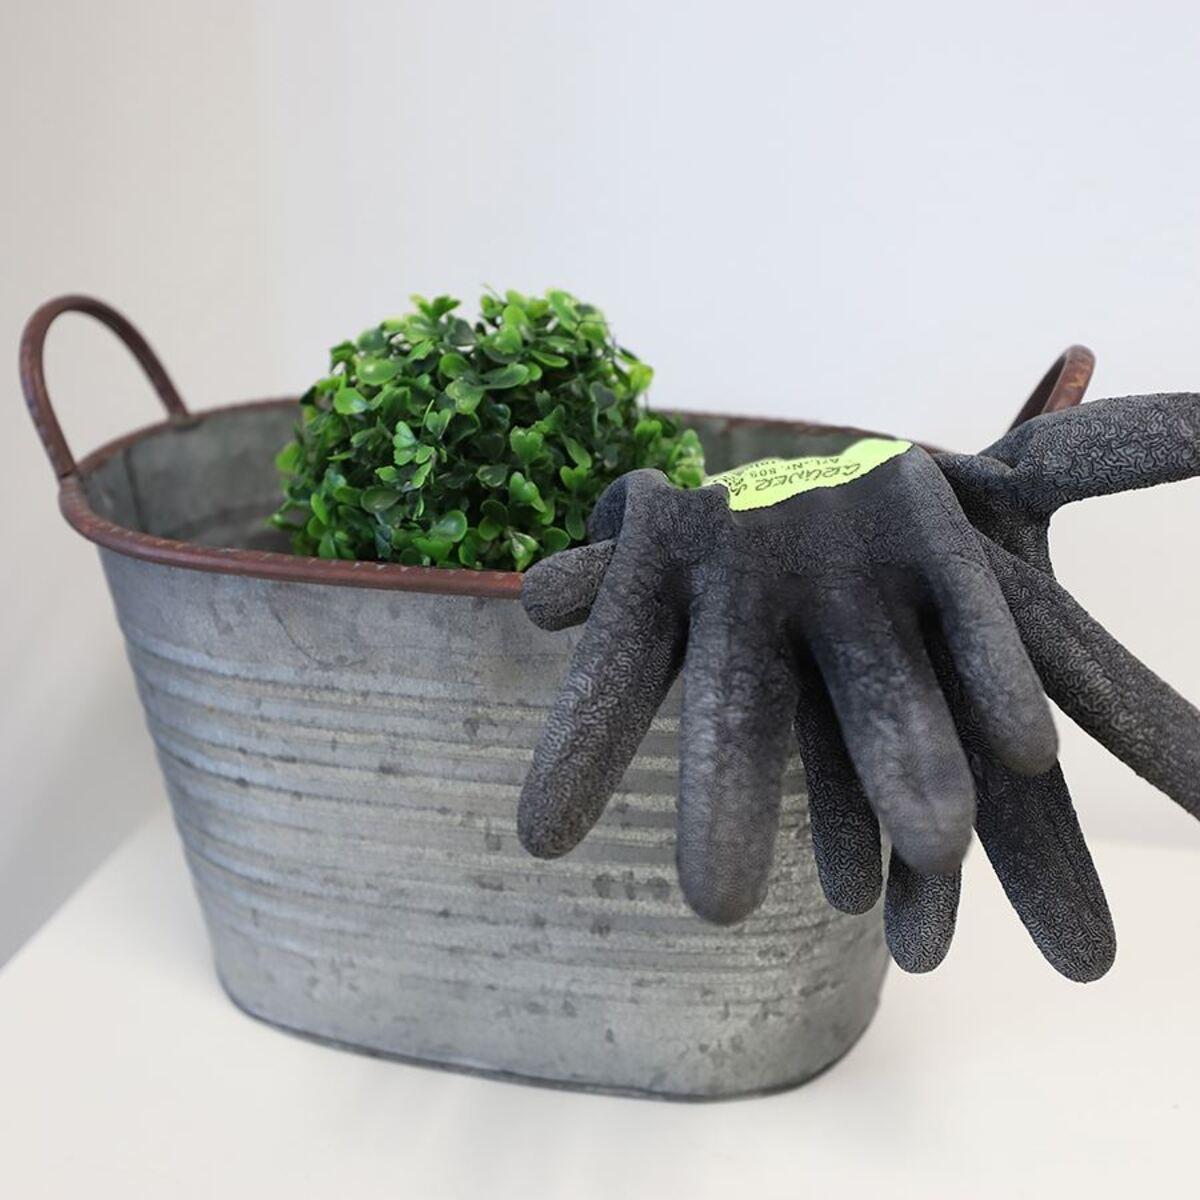 Bild 4 von Zink-Pflanztöpfe mit Griffen 3er-Set